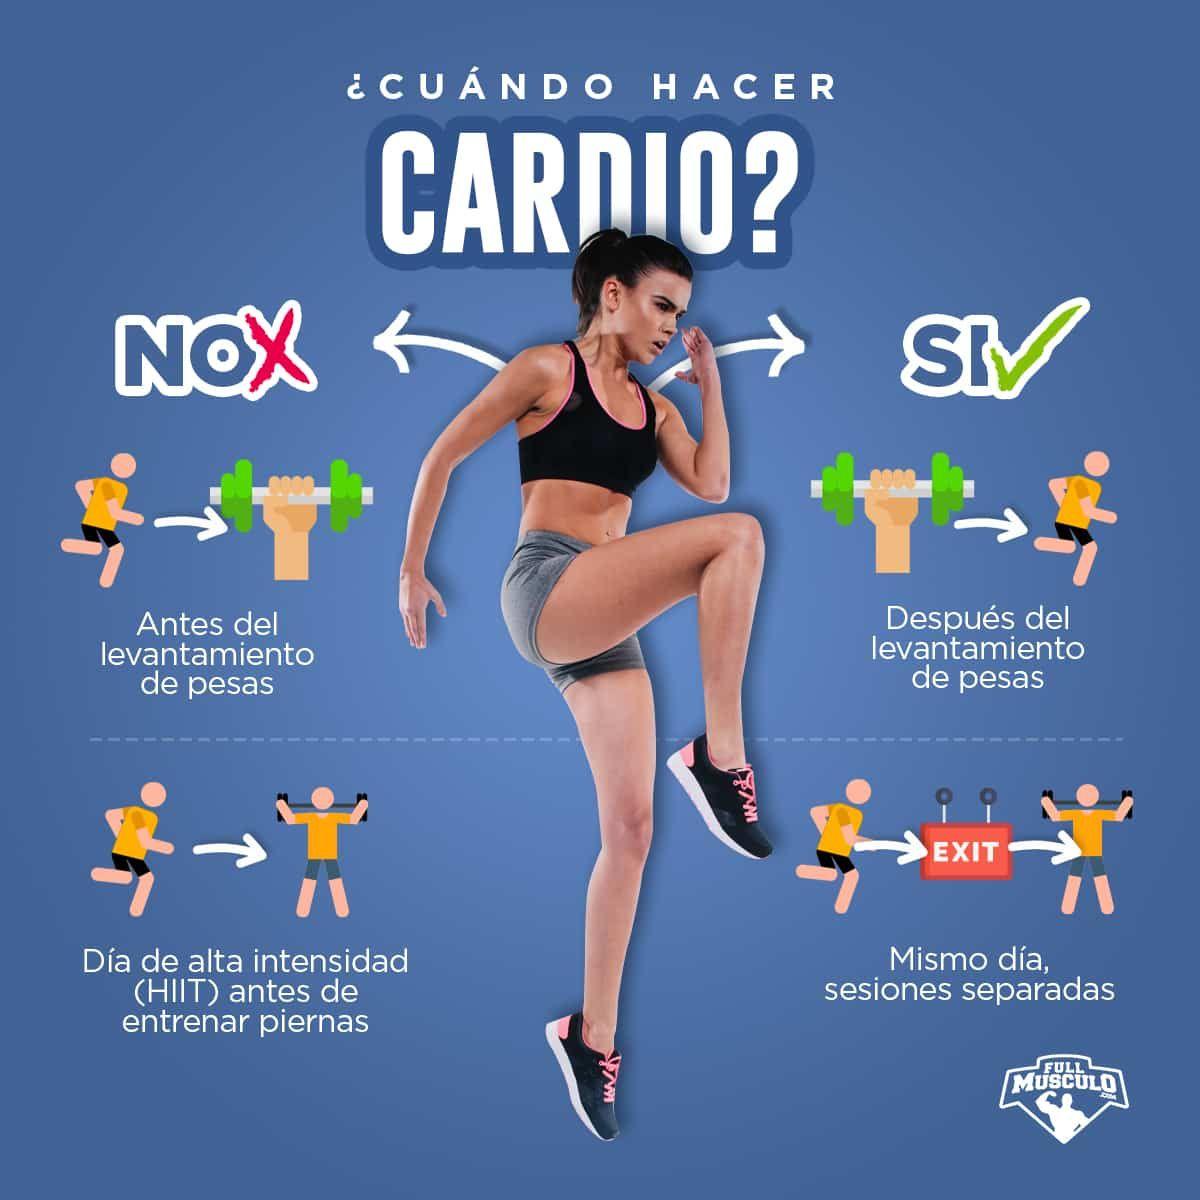 Cuánto Tiempo De Cardio Debo Hacer Al Día Fullmusculo Rutinas De Entrenamiento Con Pesas Rutinas De Entrenamiento Cardio